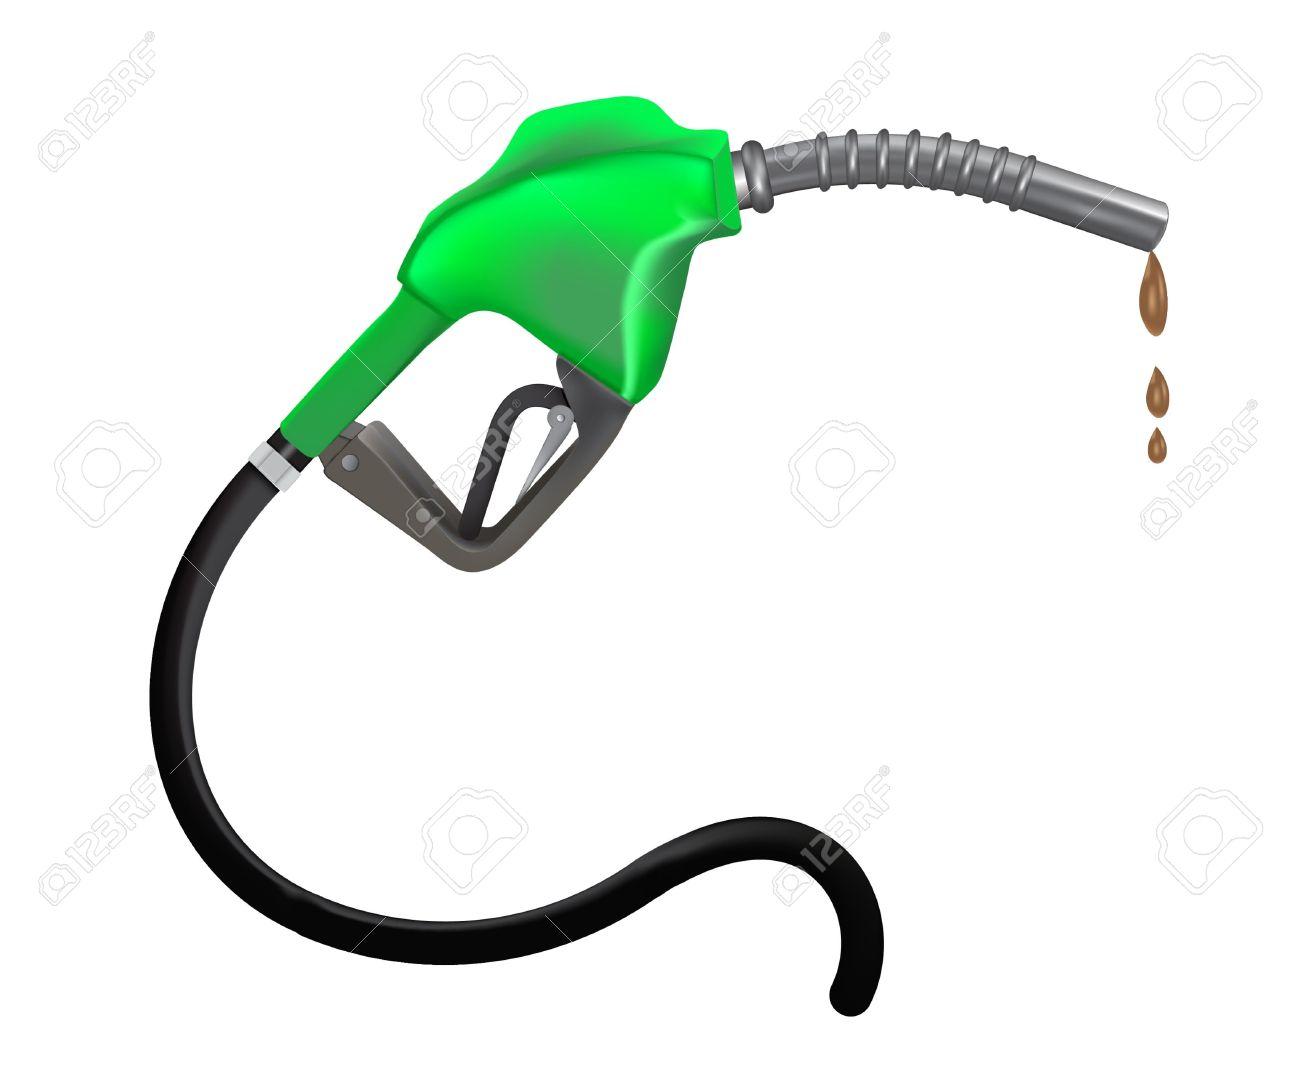 Gas nozzle clipart.